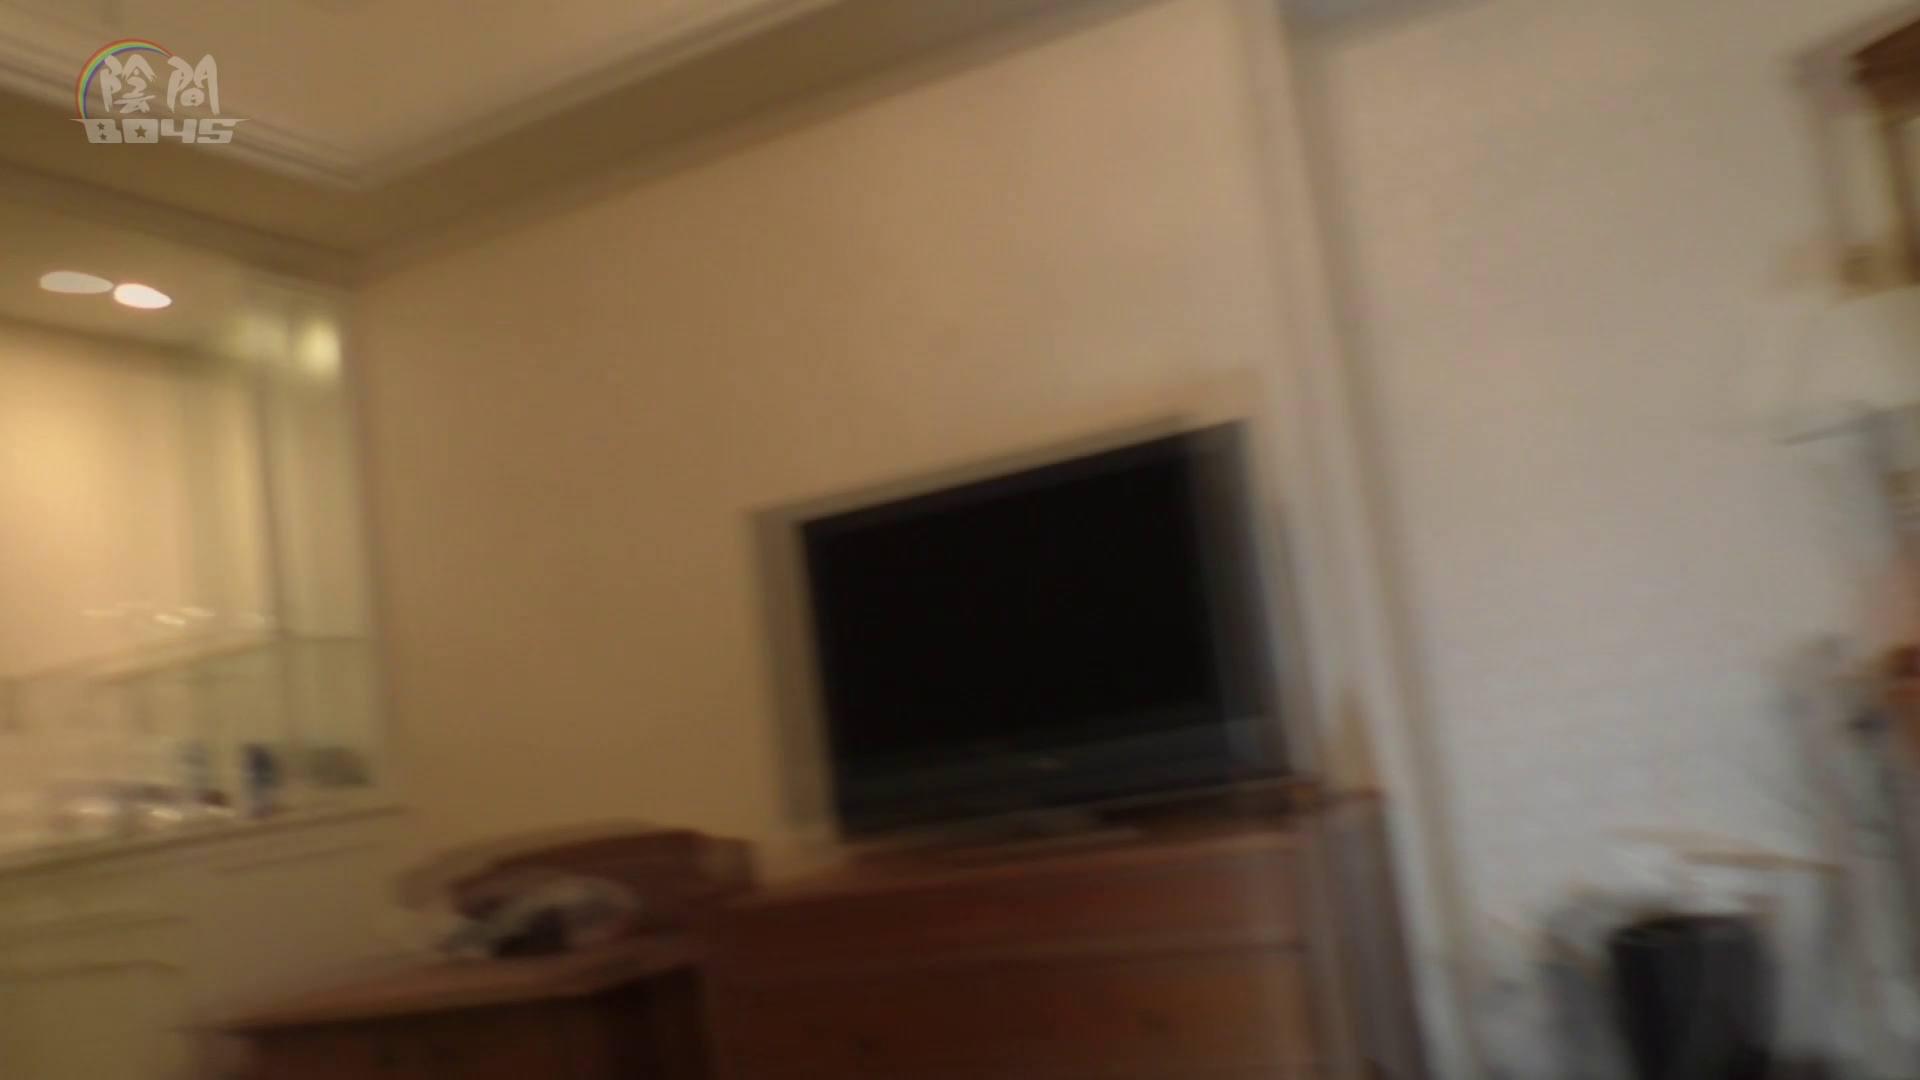 キャバクラの仕事はアナルから6  ~アナルの囁き~Vol.03 フェラ天国 ゲイ無修正画像 65pic 64